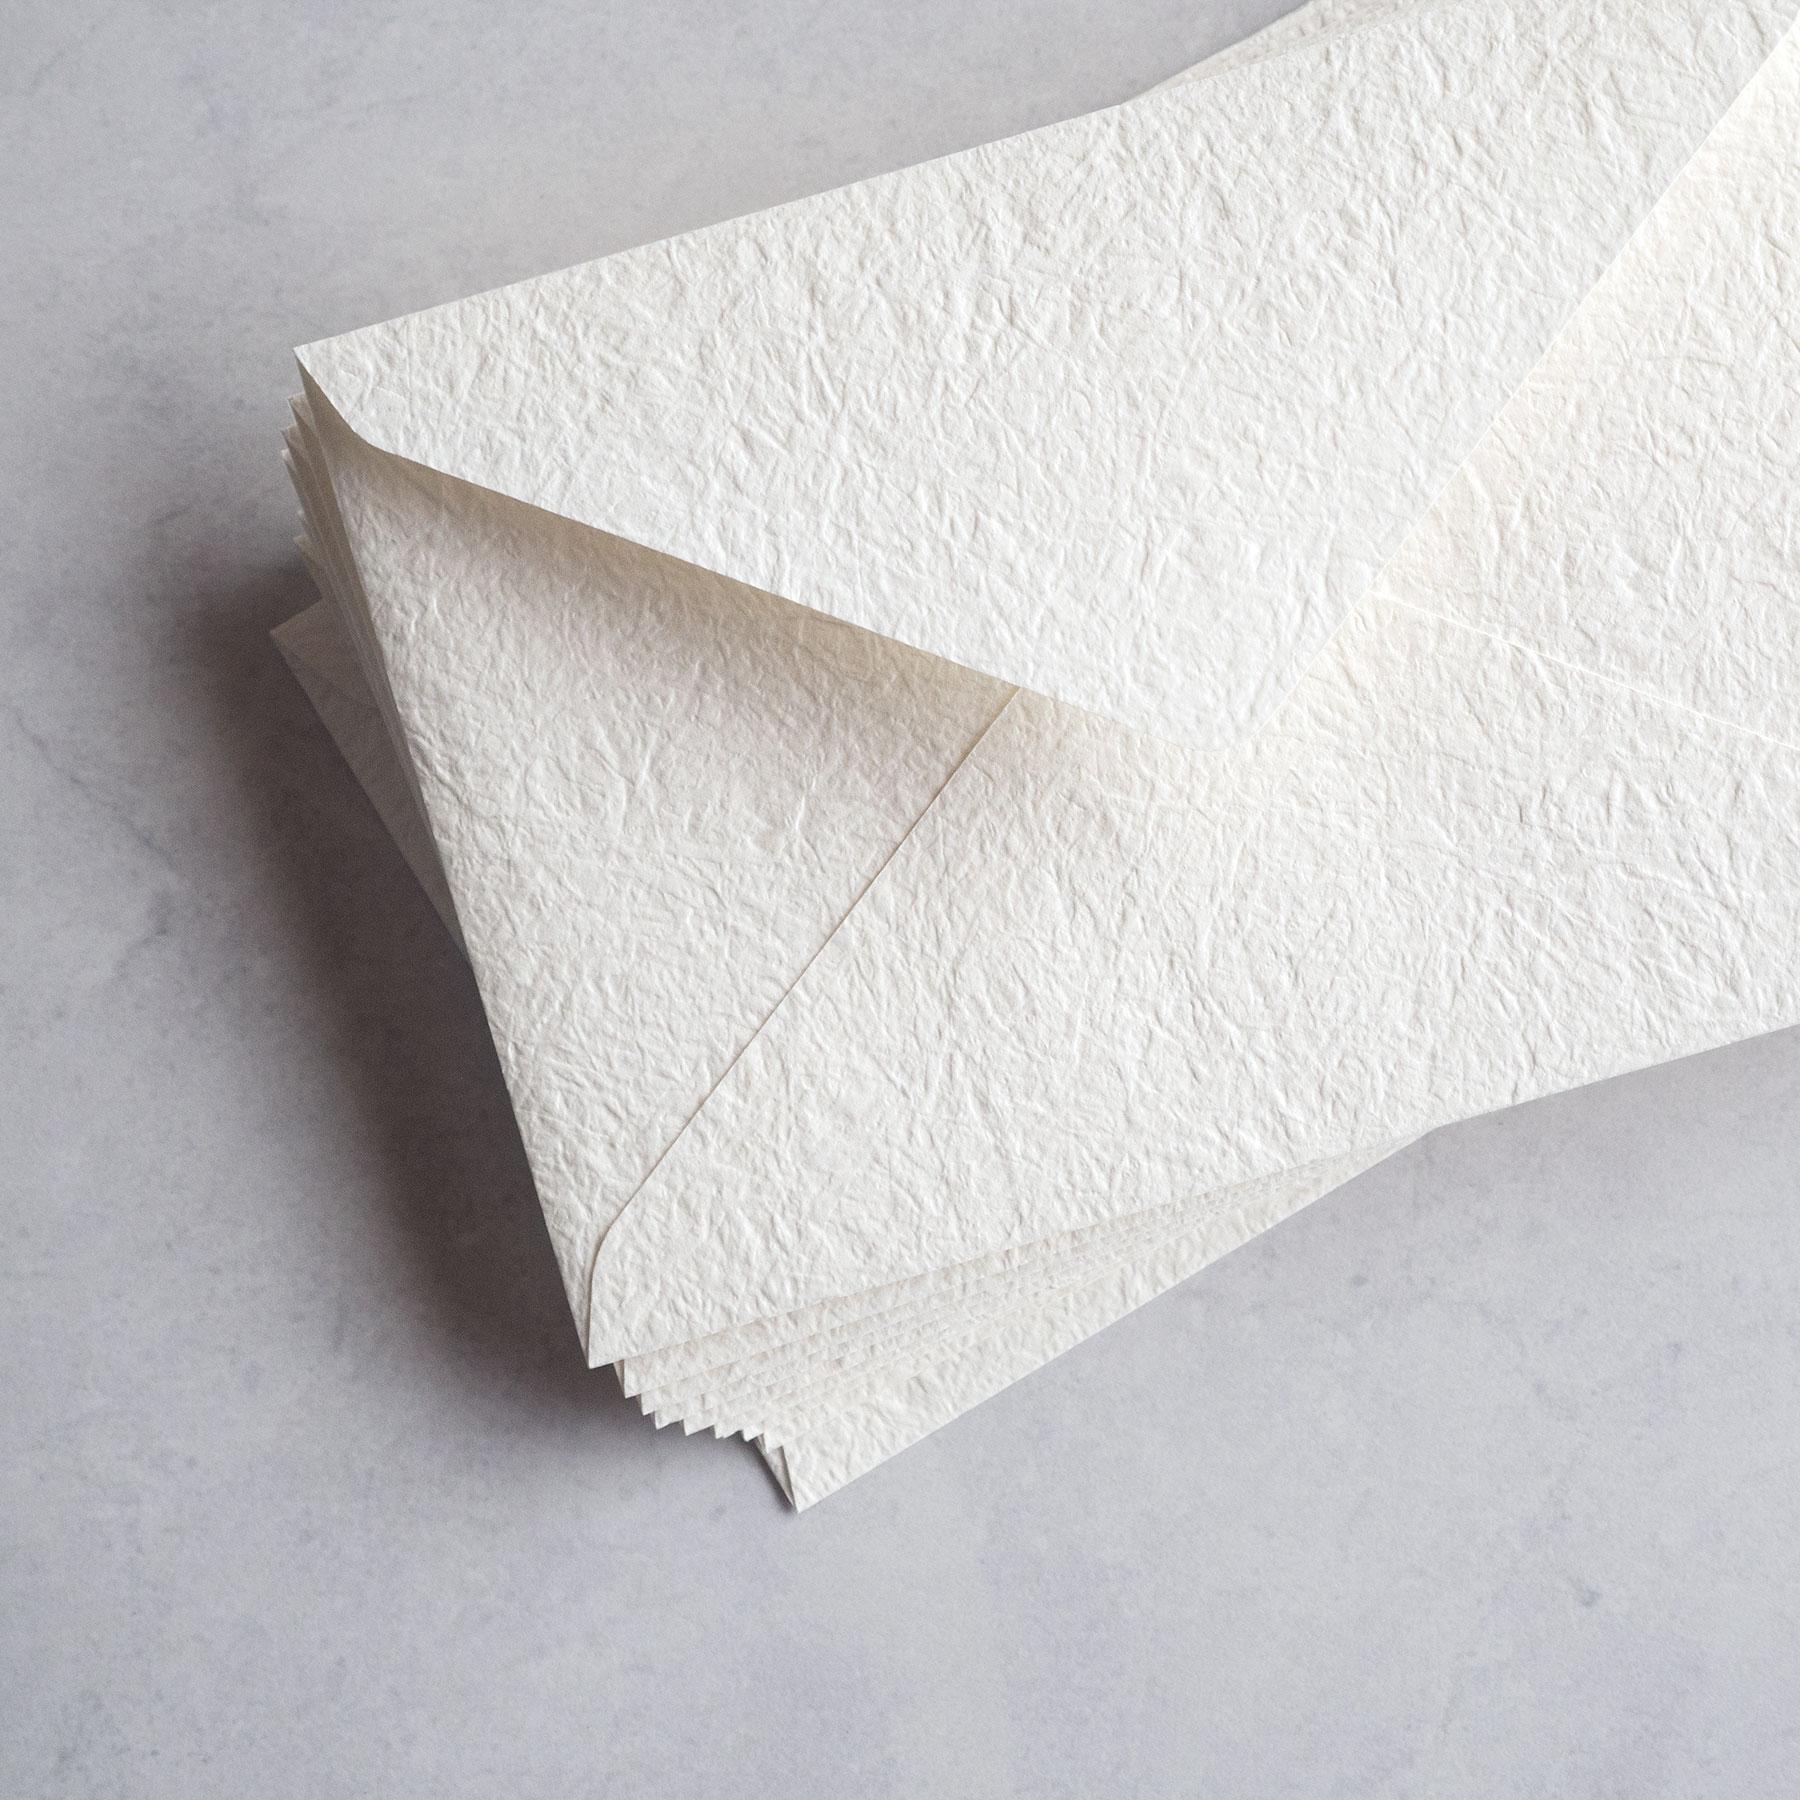 結婚式の招待状で使用される 洋1サイズ 限定特価 の高級封筒 招待状用封筒 10枚入り - col.Japone 感謝価格